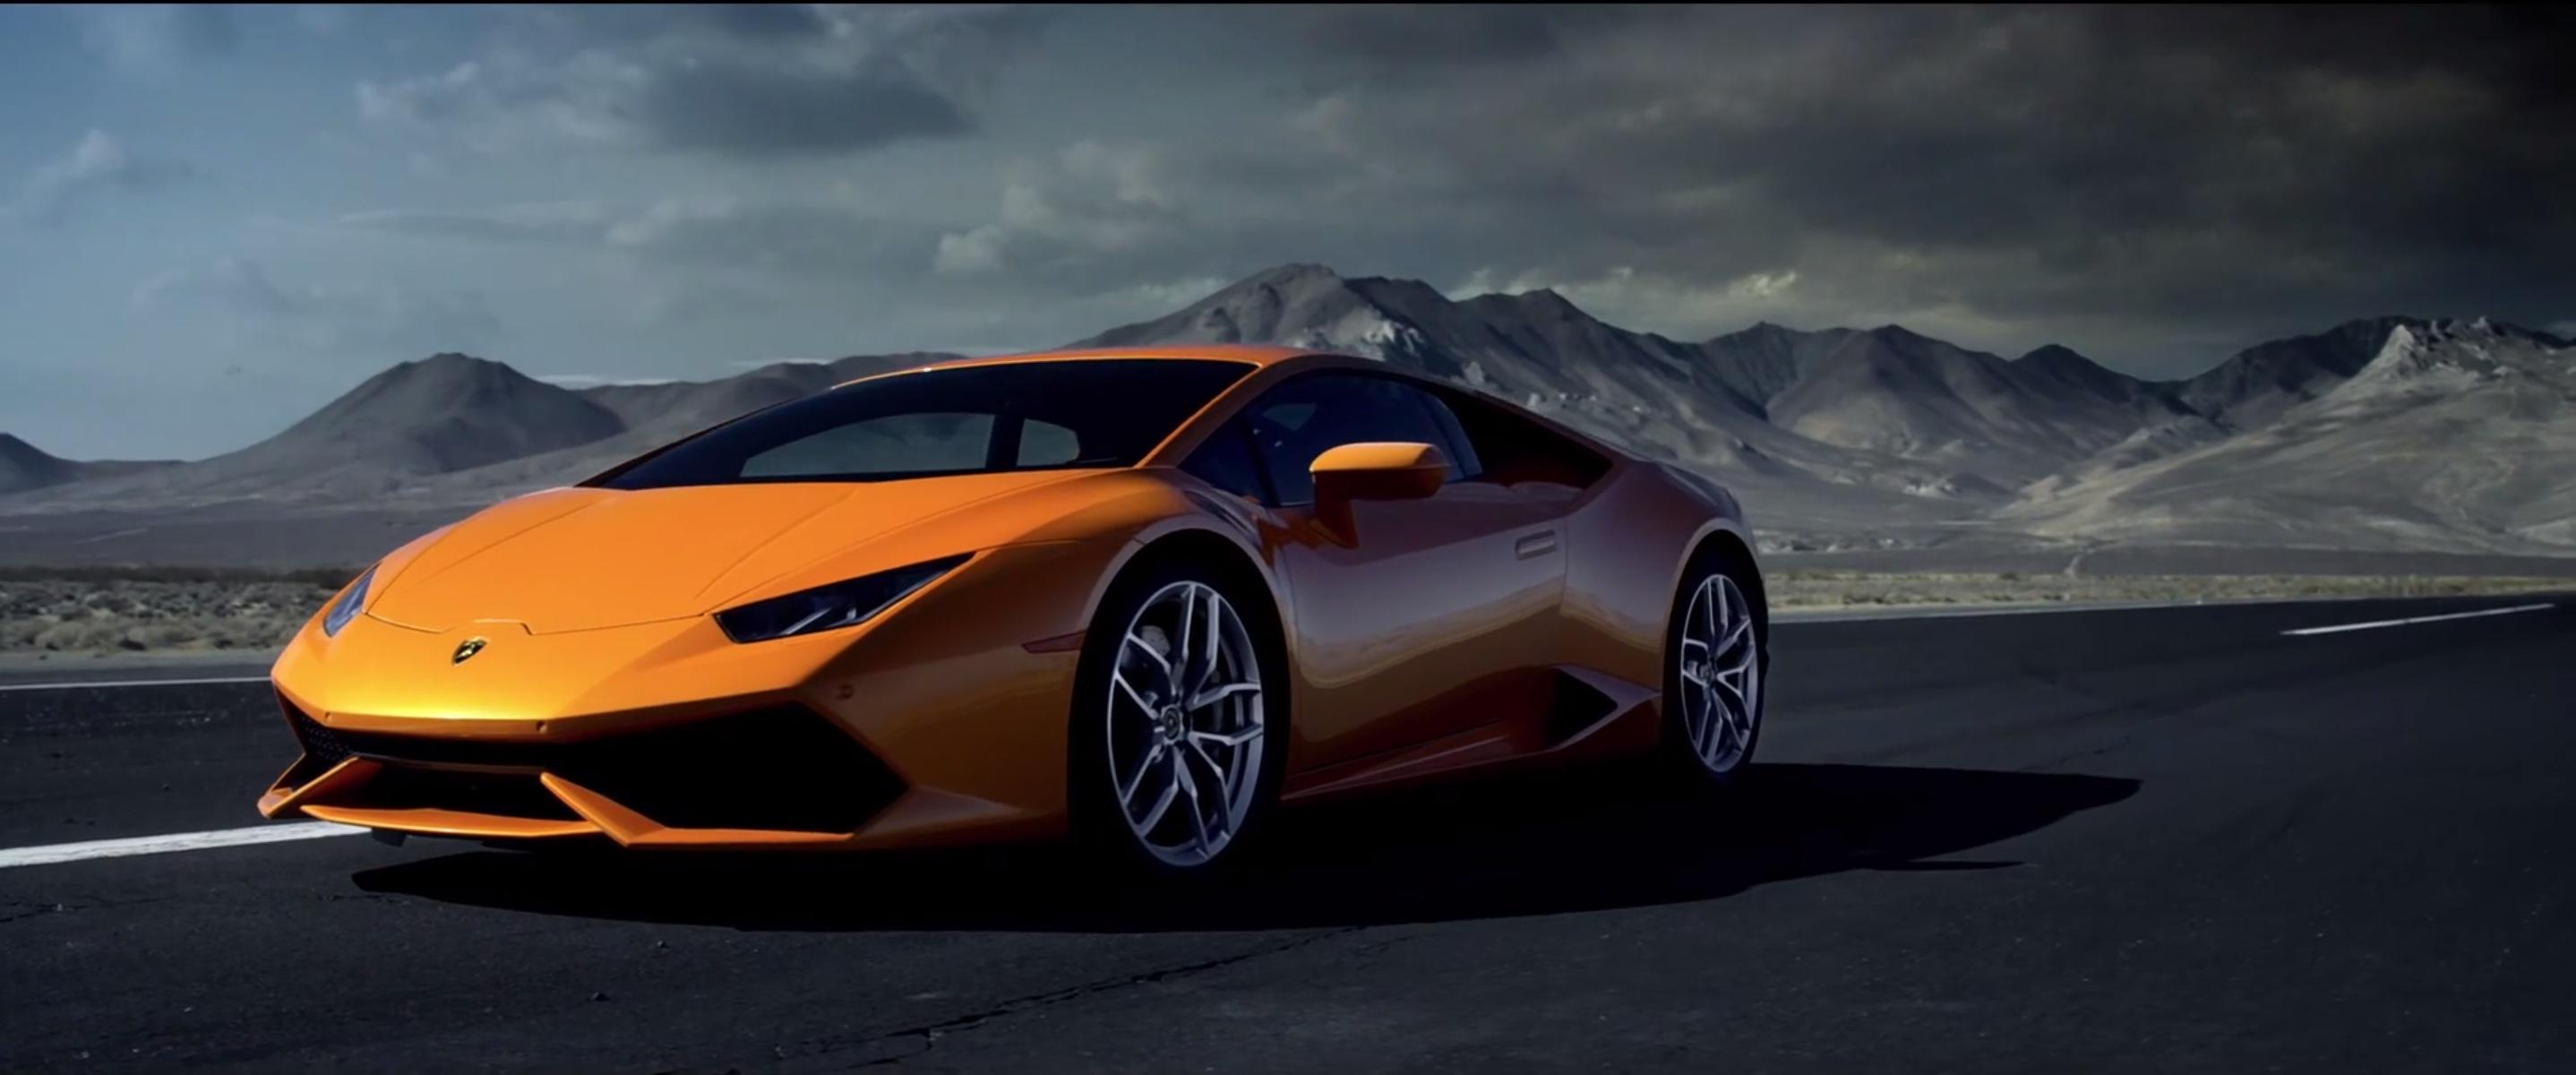 Lamborghini Huracan HD Wallpaper